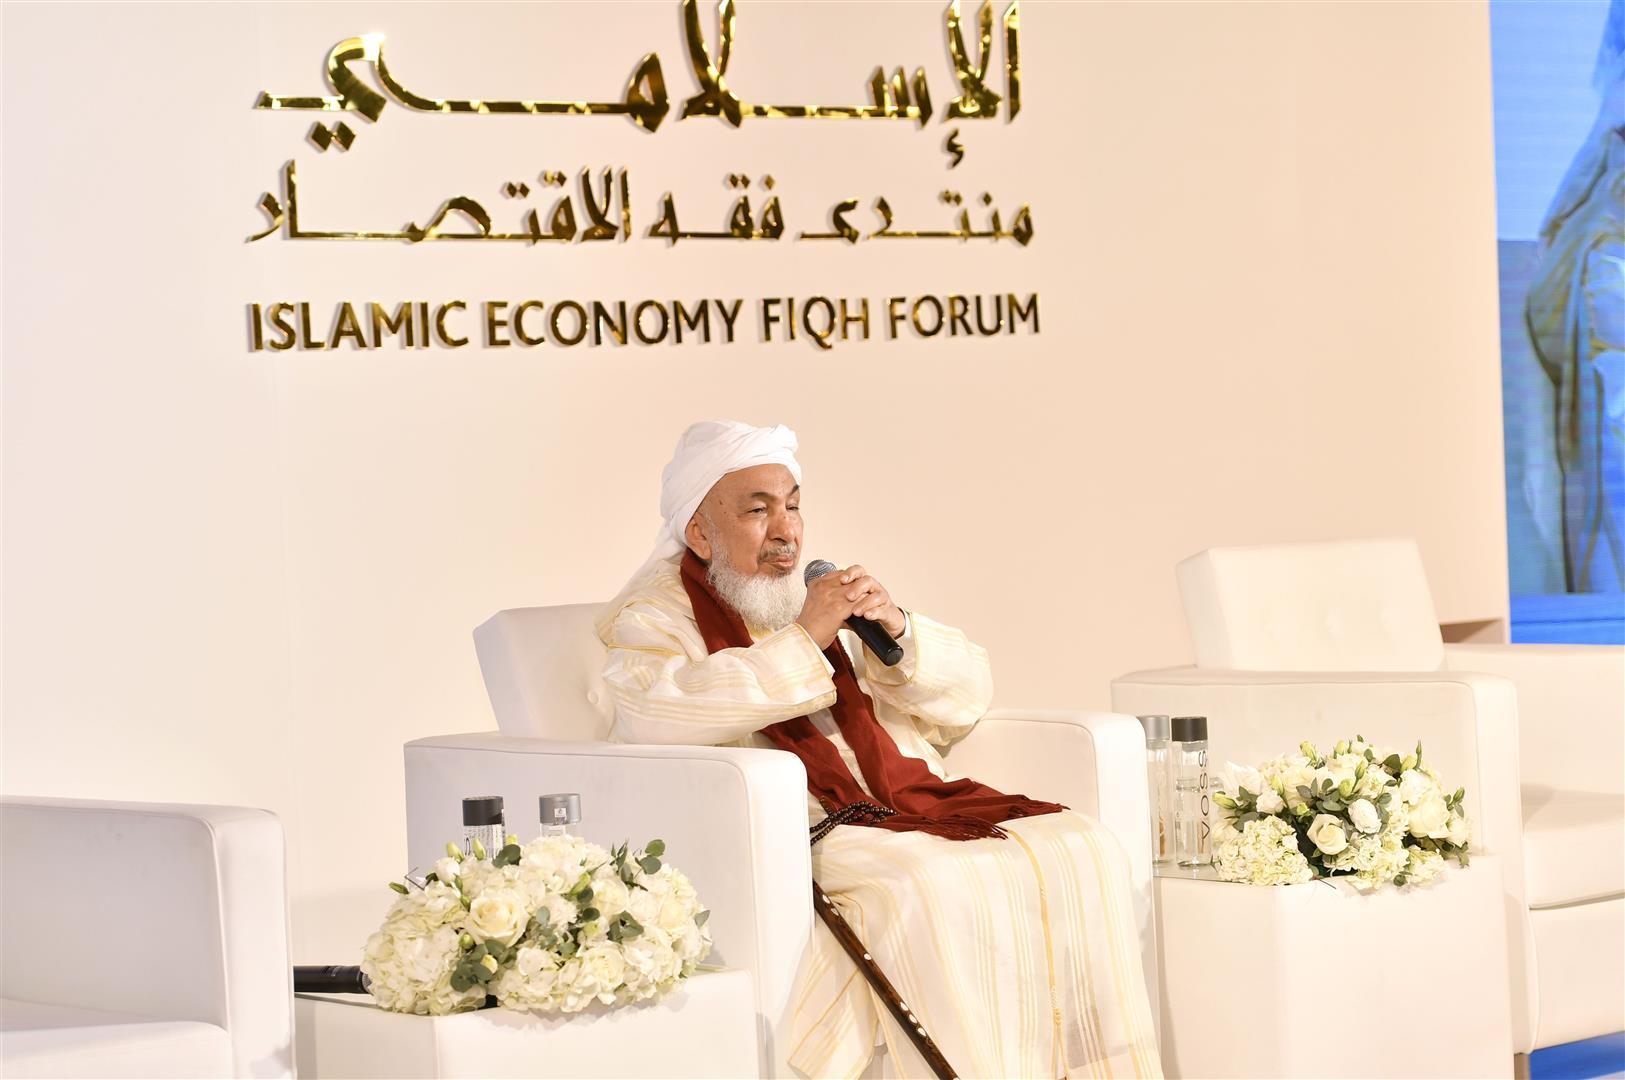 منصور بن محمد يفتتح منتدى فقه الاقتصاد الإسلامي 4